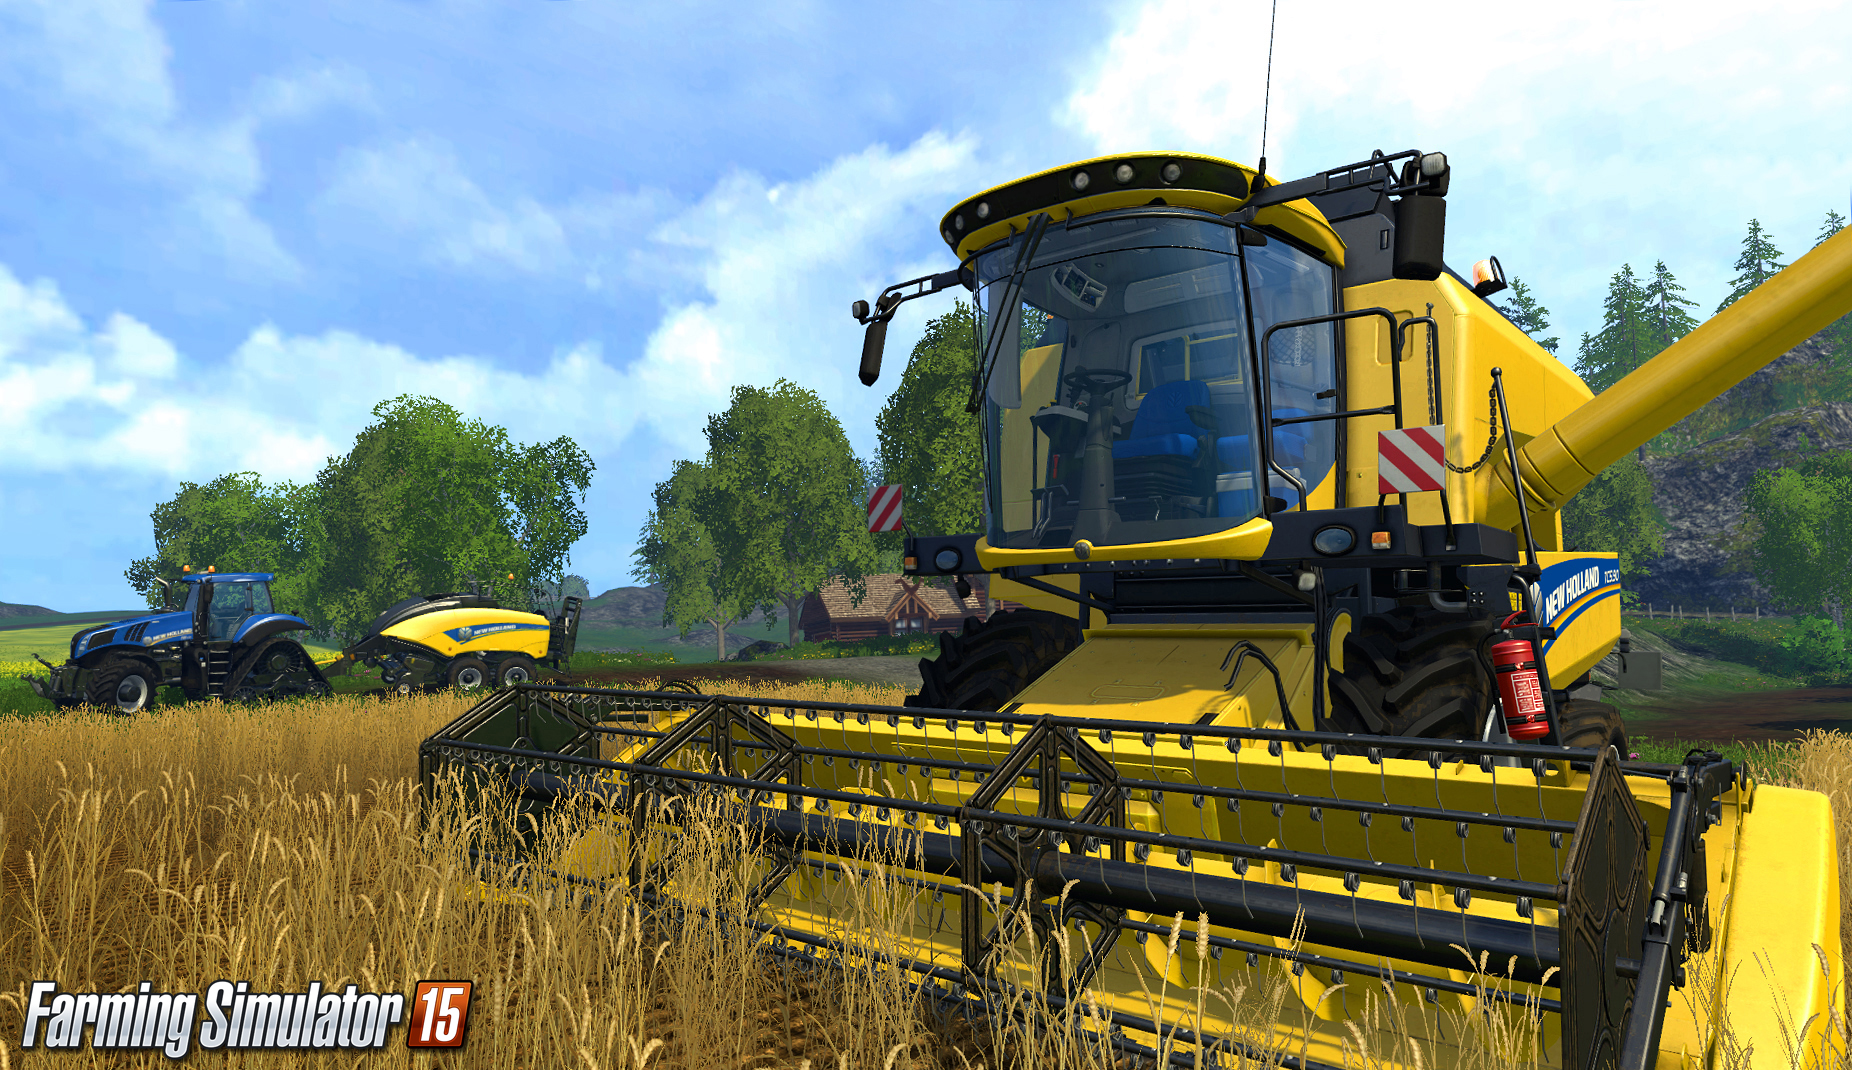 Farming Simulator 15: pierwsze wrażenia z gry (wideo)